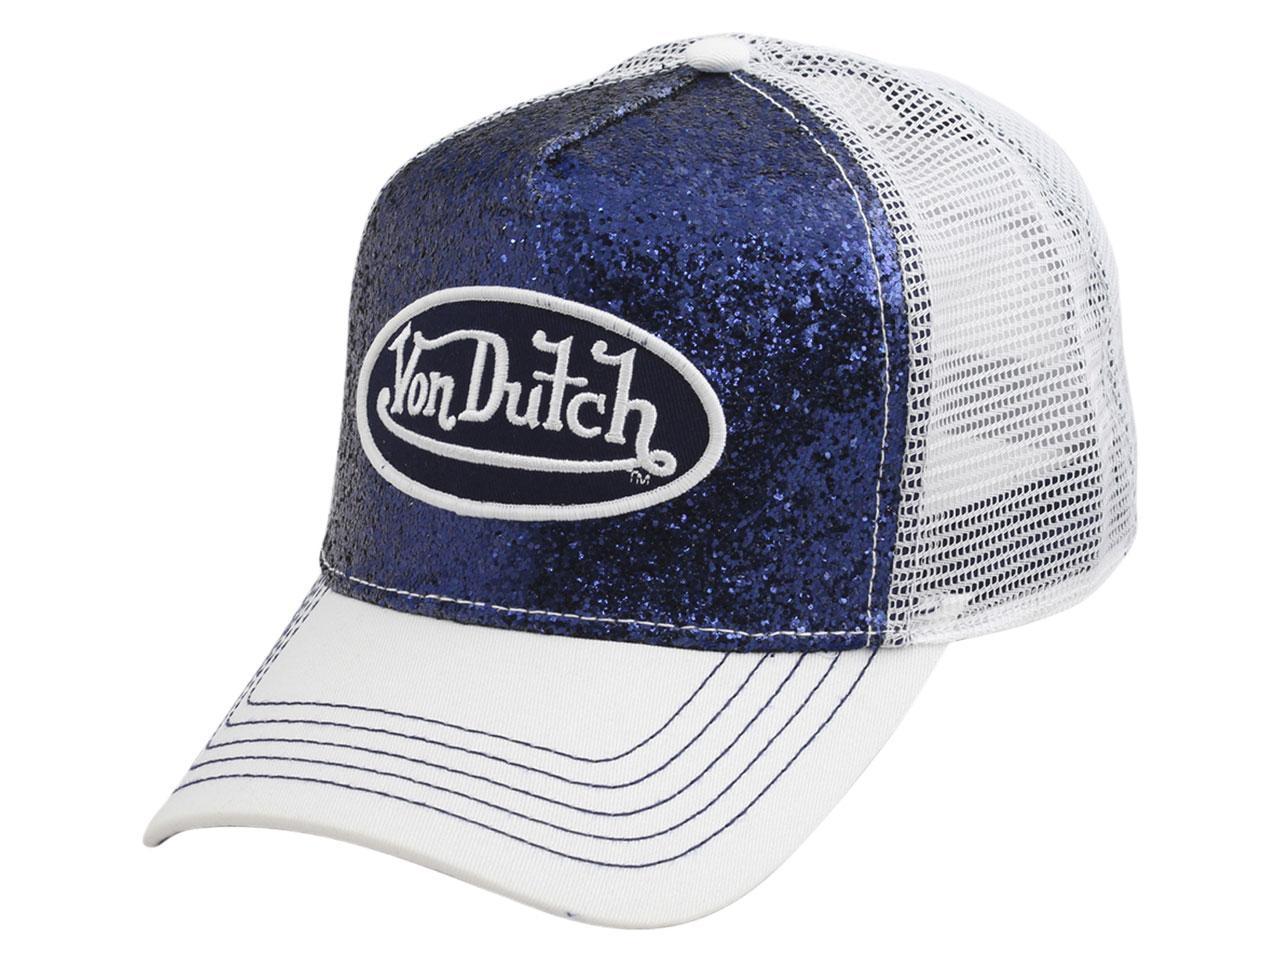 Von Dutch Women s Sparkle Snapback Trucker Cap Hat by Von Dutch fee9c36235